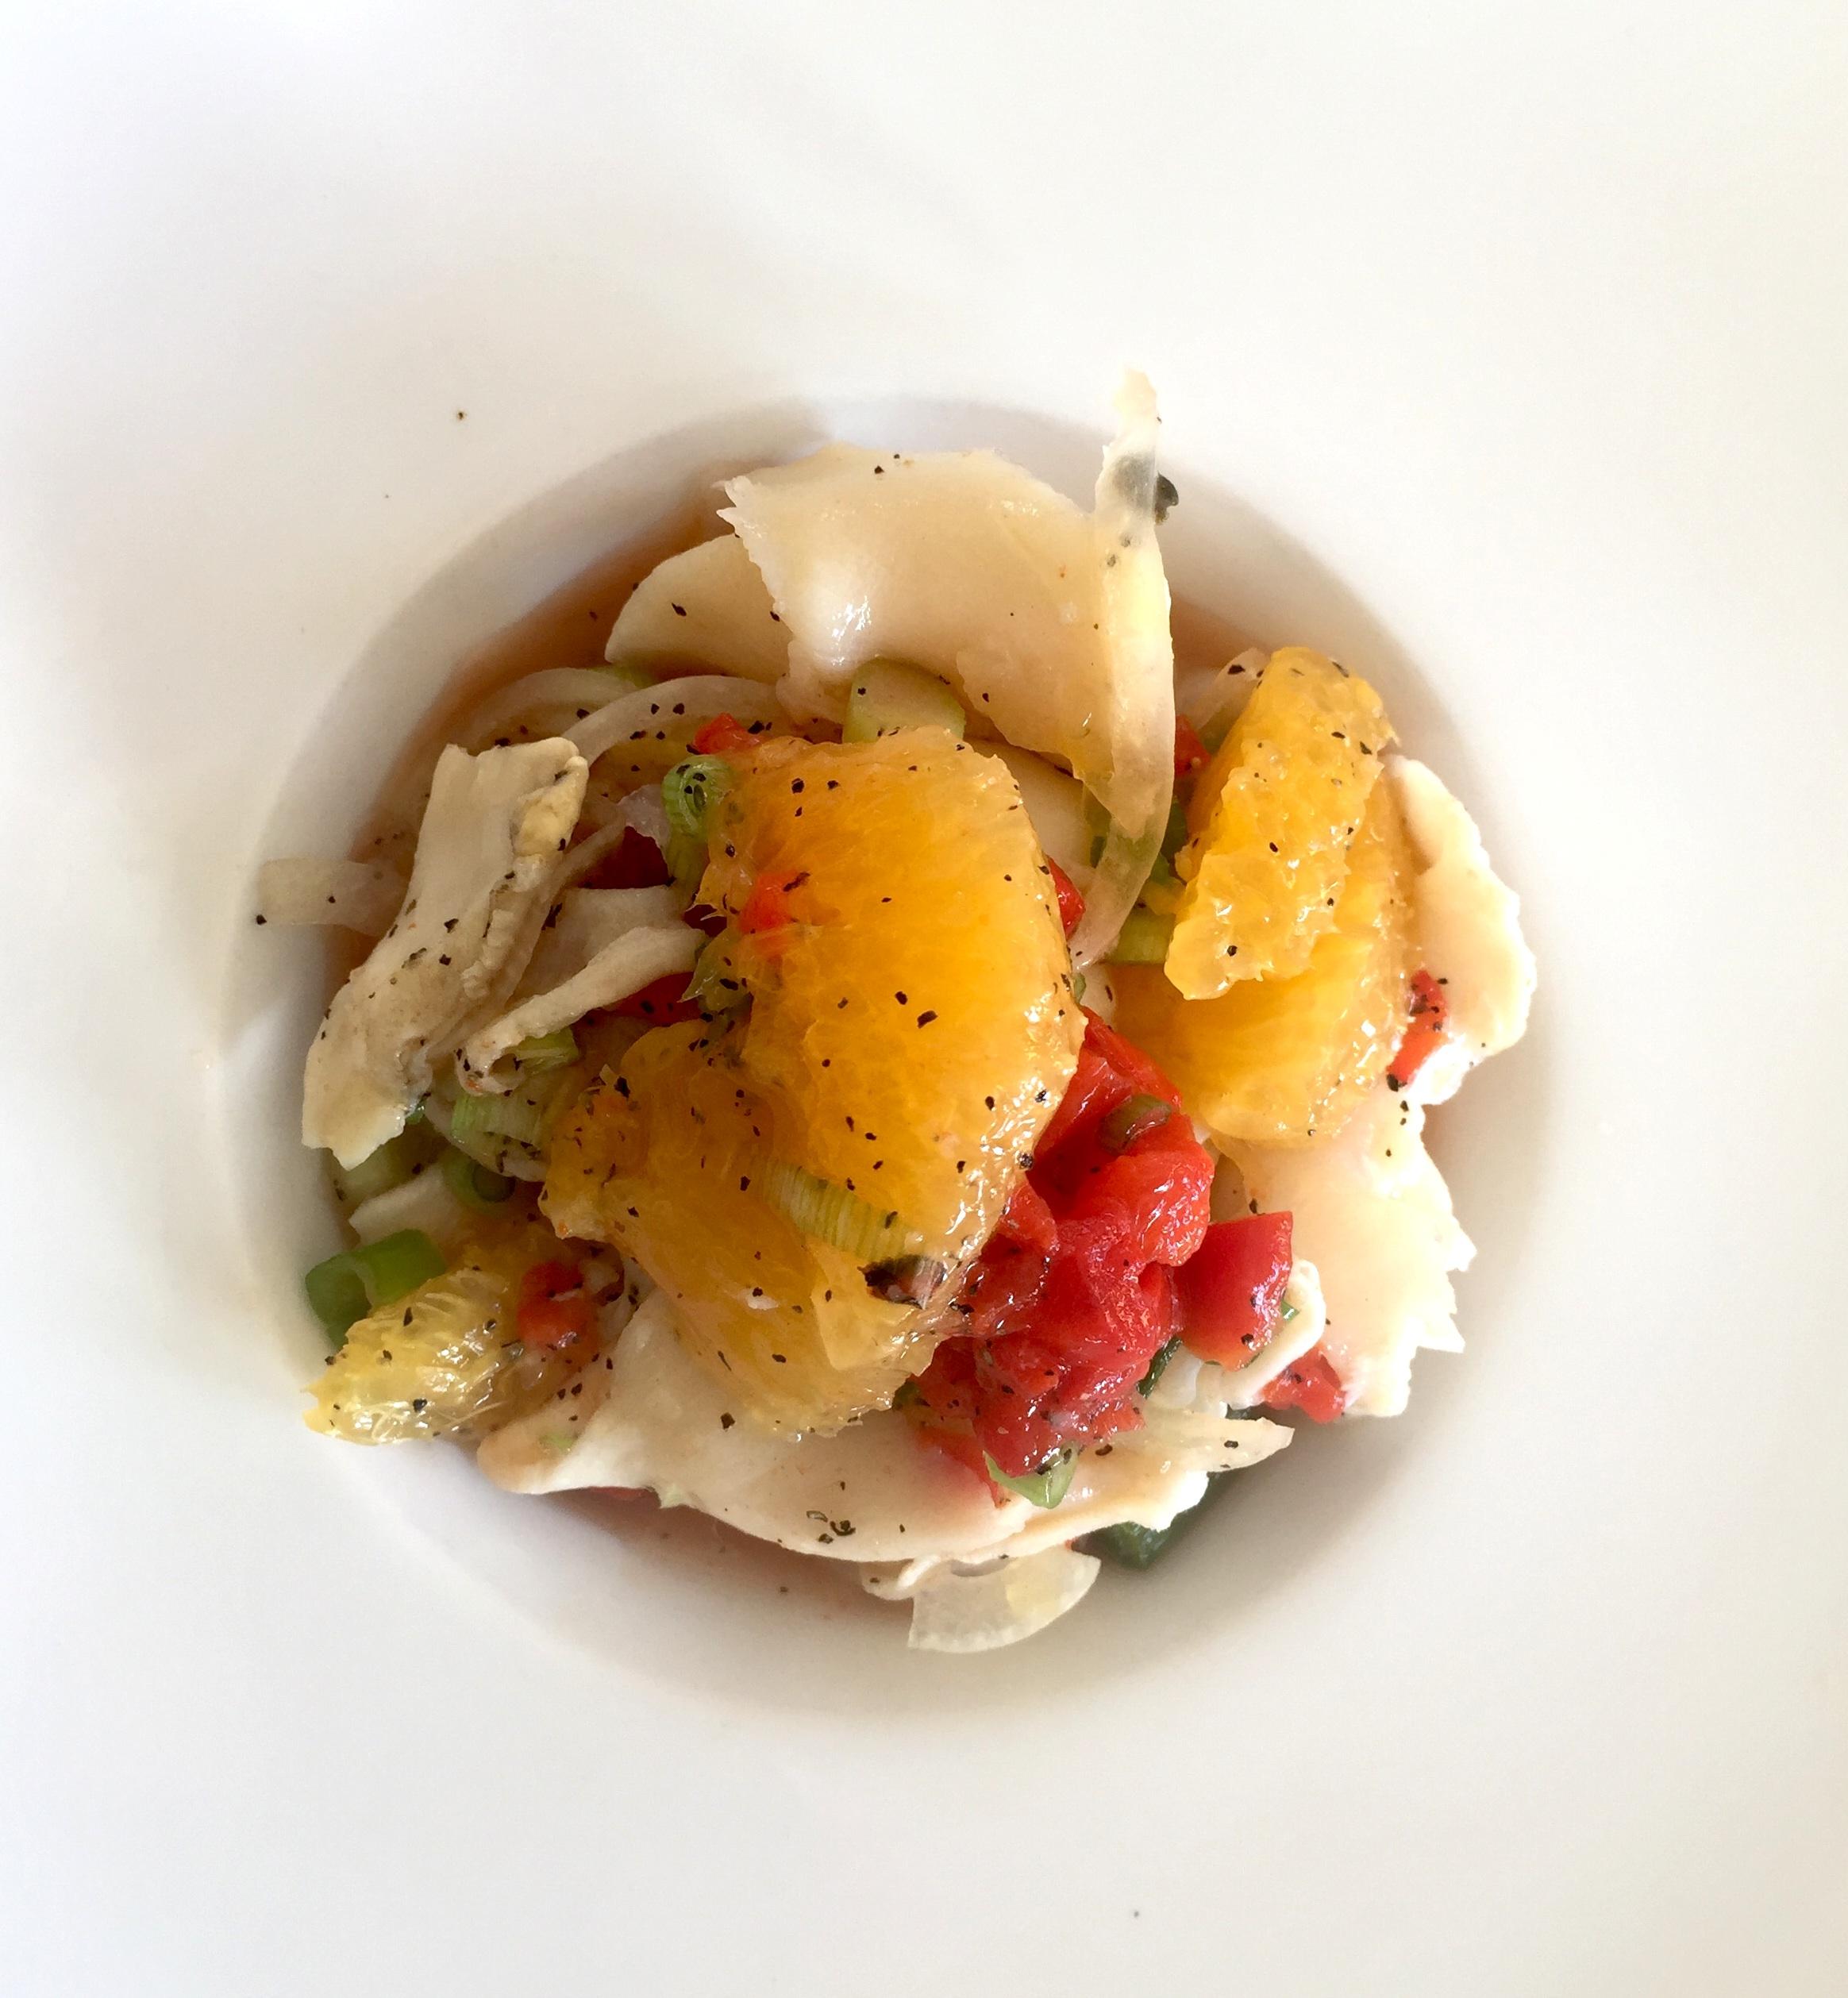 conch-cerviche-salad